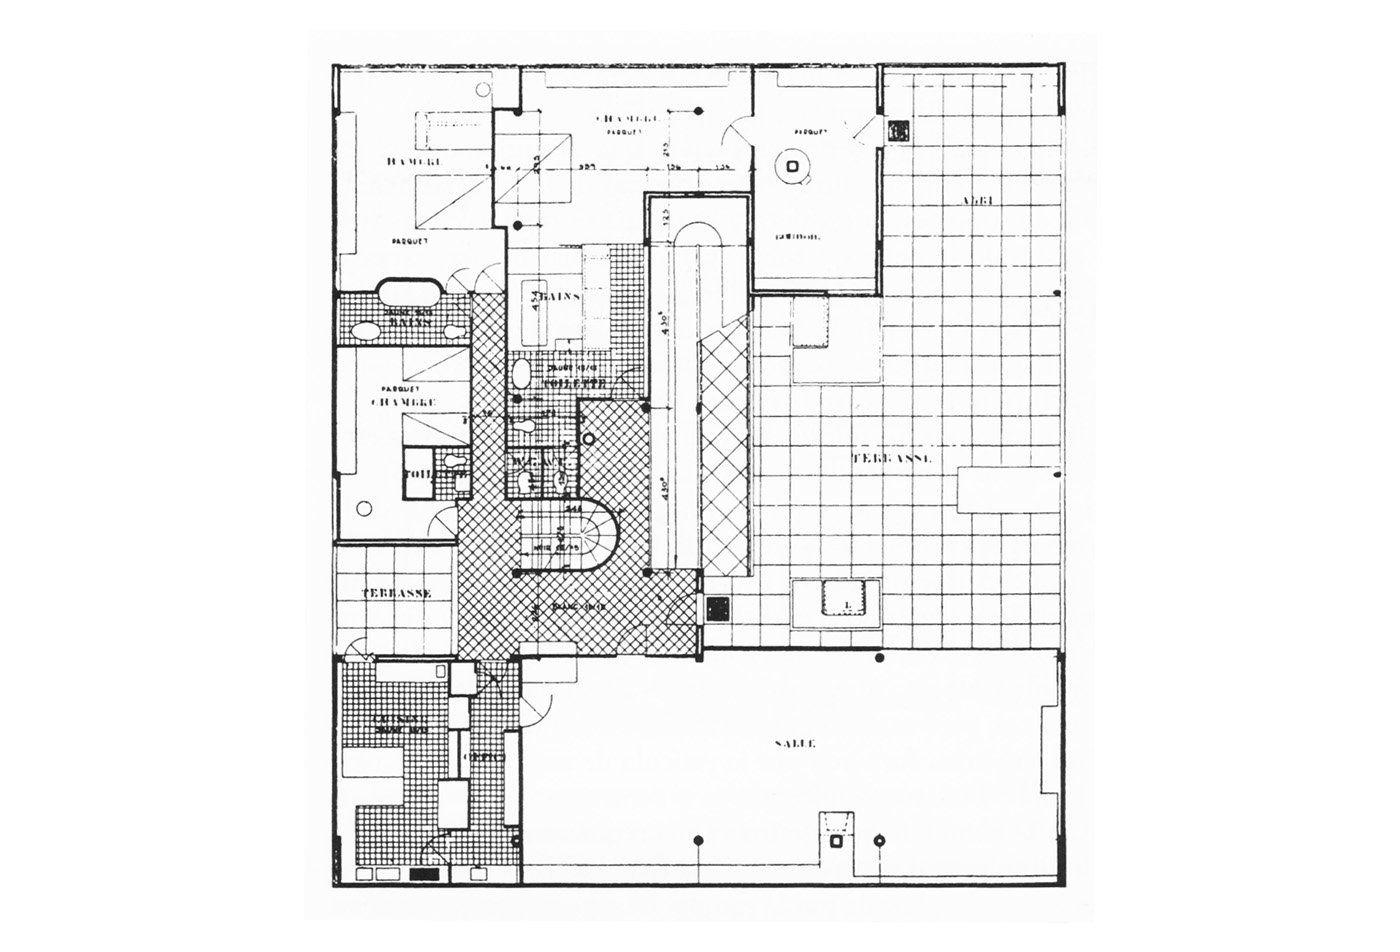 Villa Savoye Le Corbusier Floor Plan Second floor. Villa Sa...